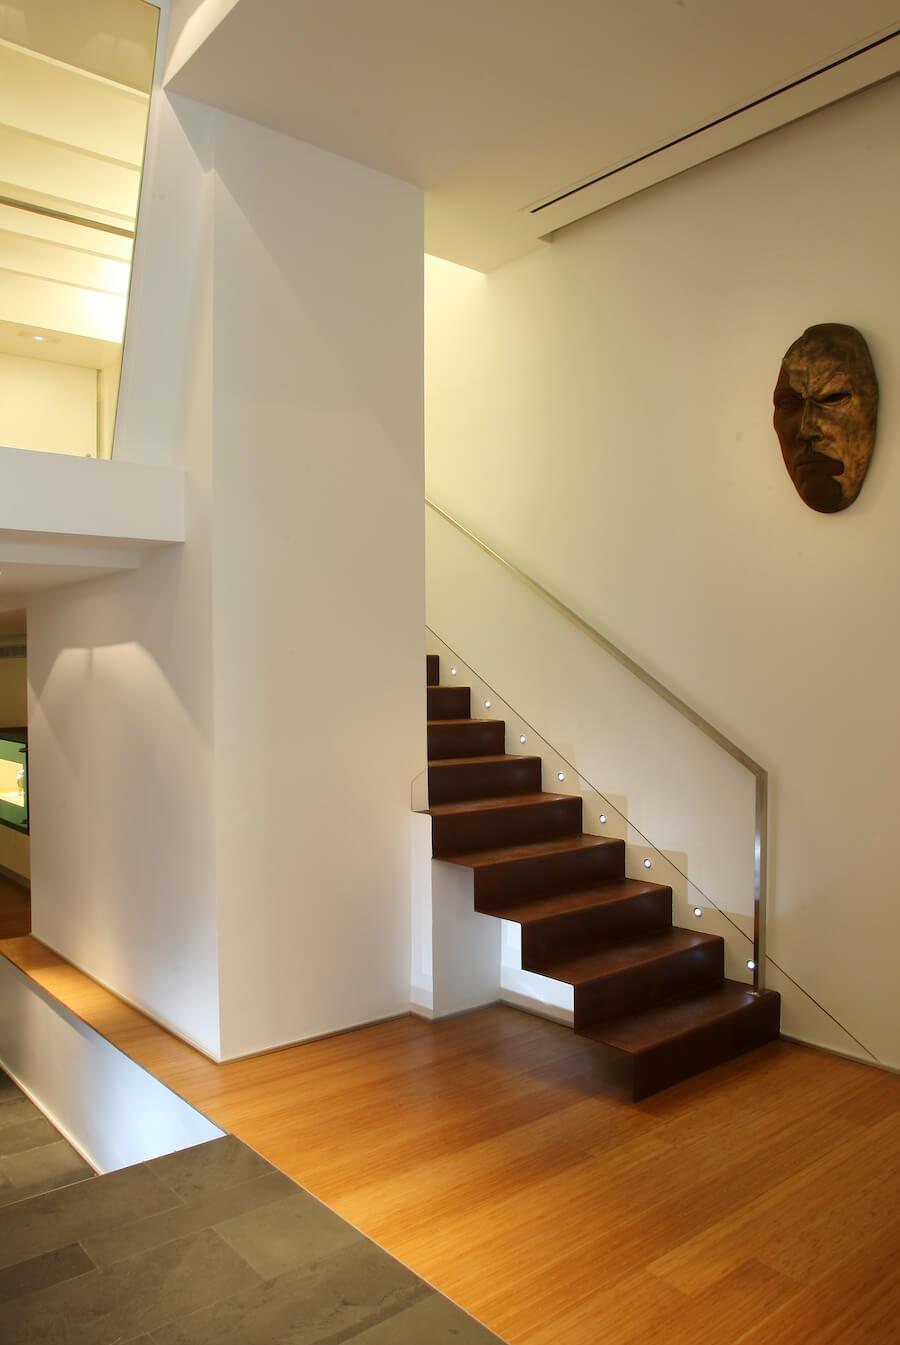 prisma_arquitectura_interiorismo_3